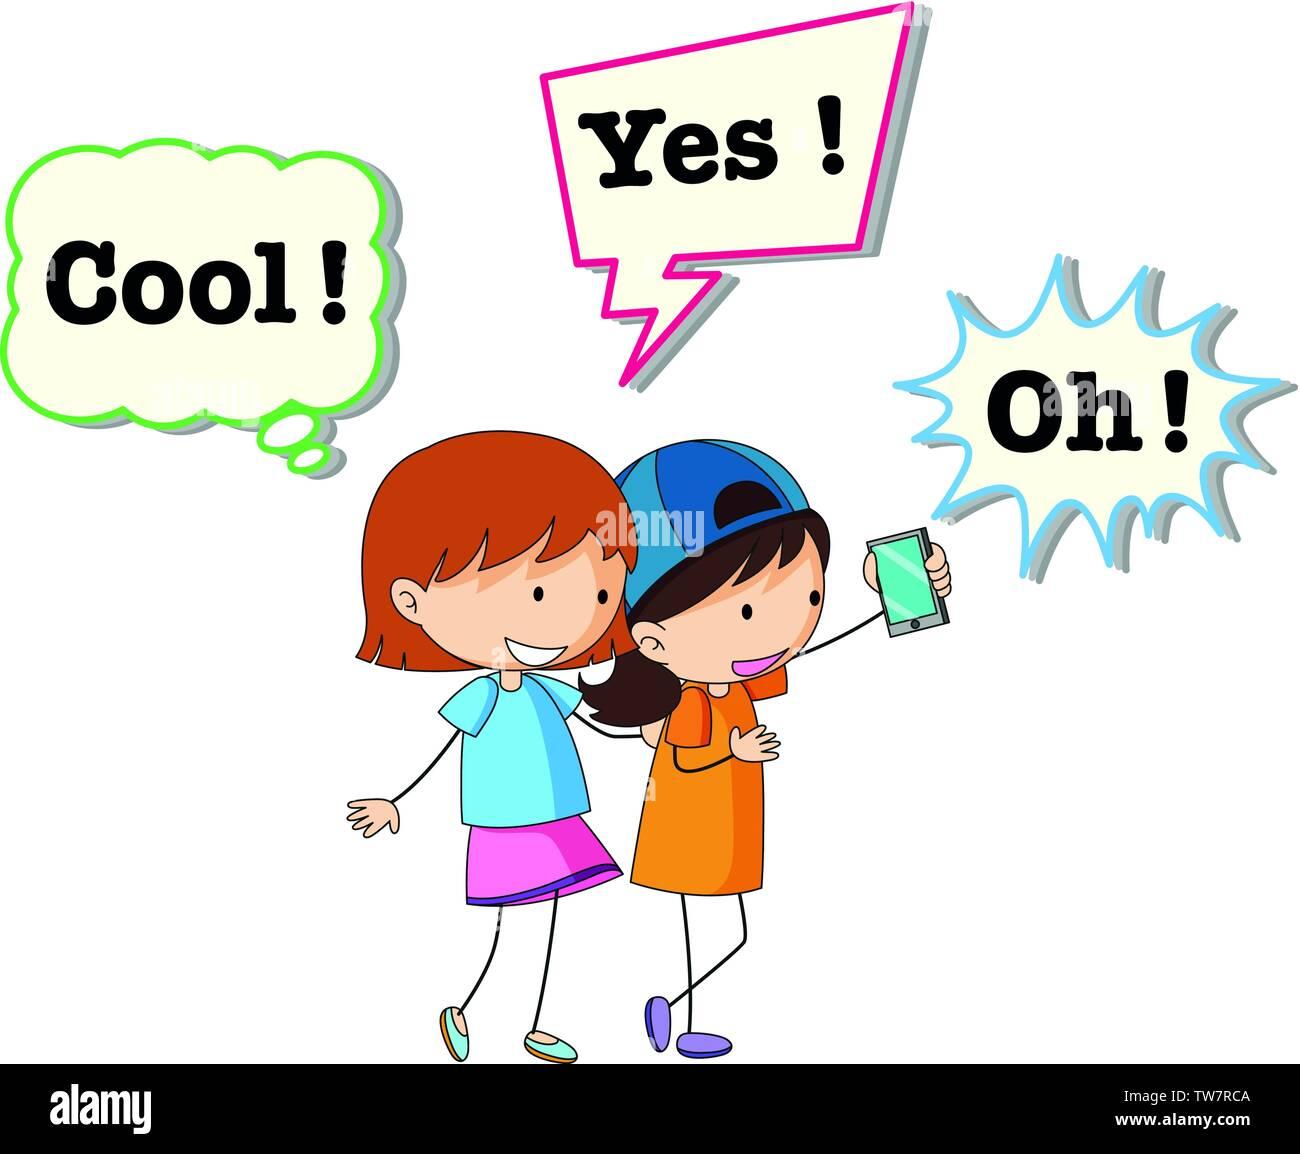 Girl and speech balloon illustration - Stock Image